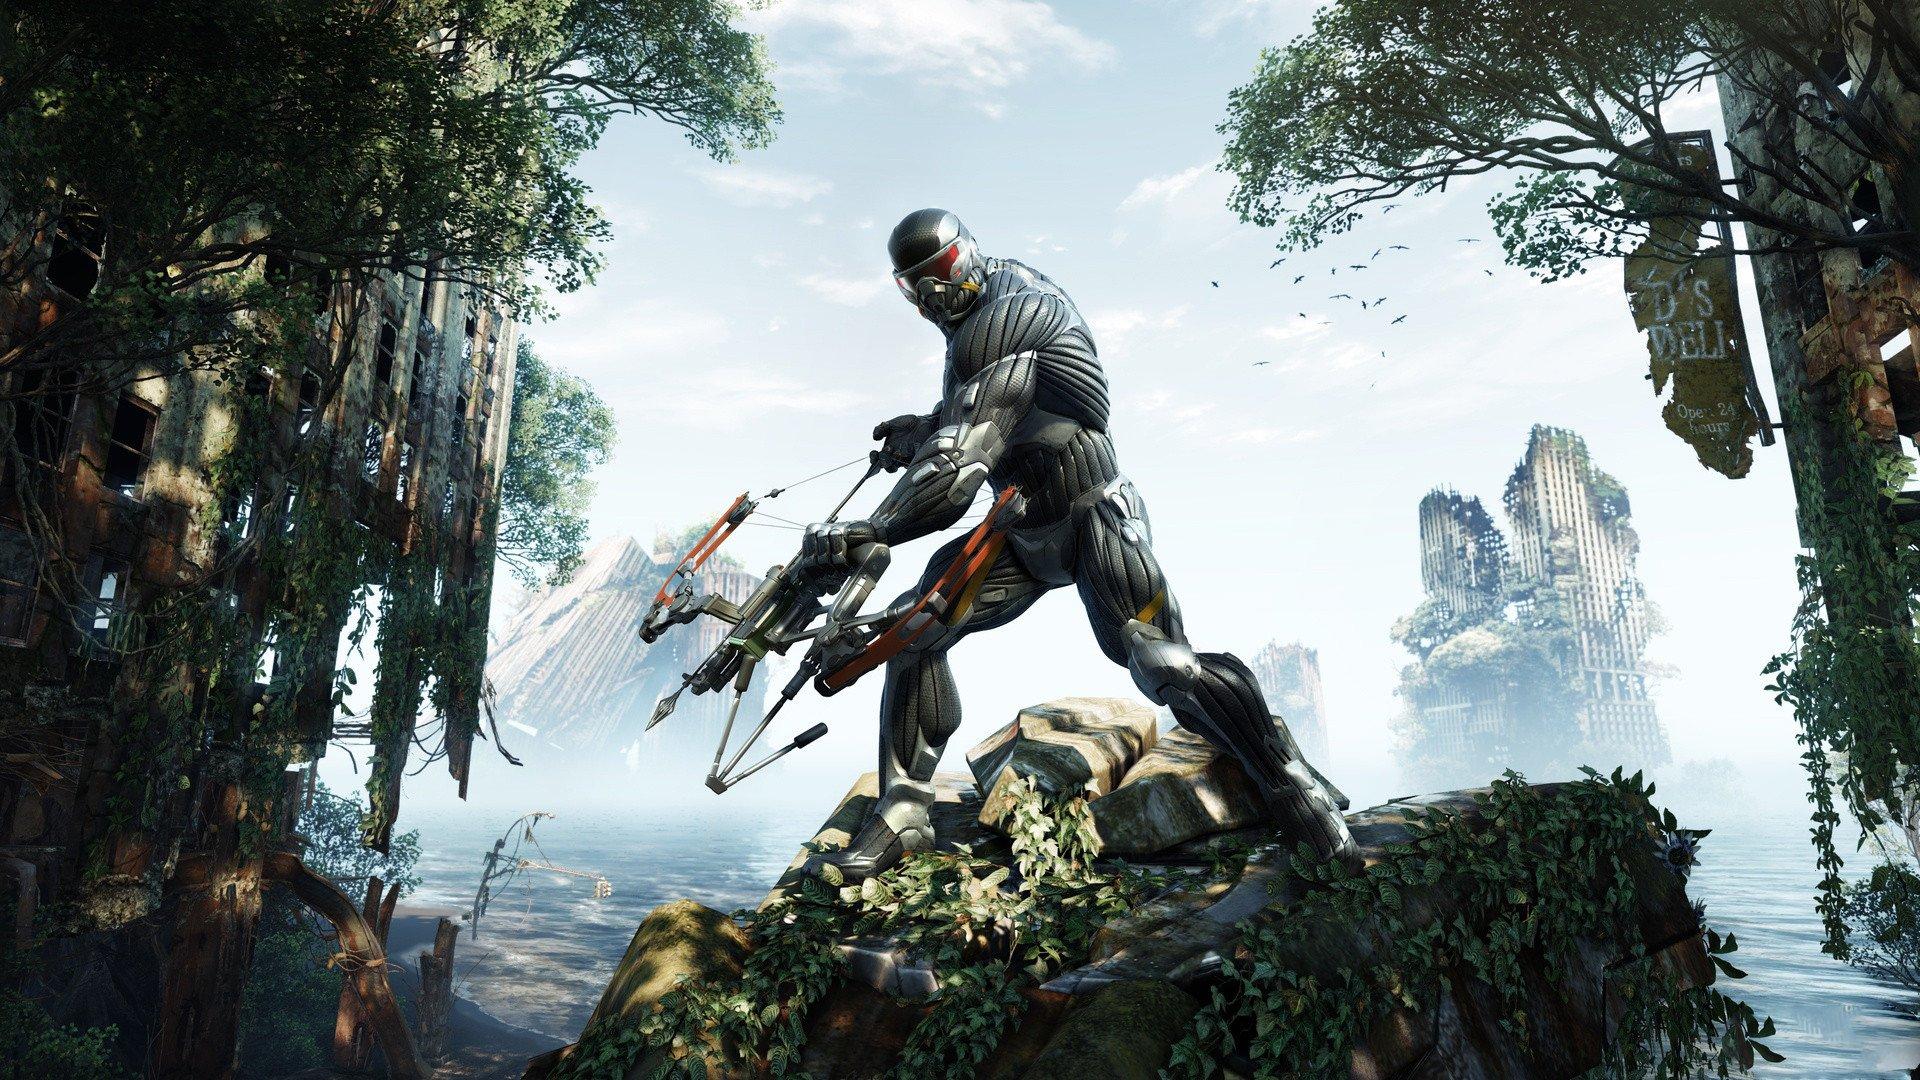 Crytek собирается поддерживать Crysis 3 загружаемыми дополнениями. - Изображение 1